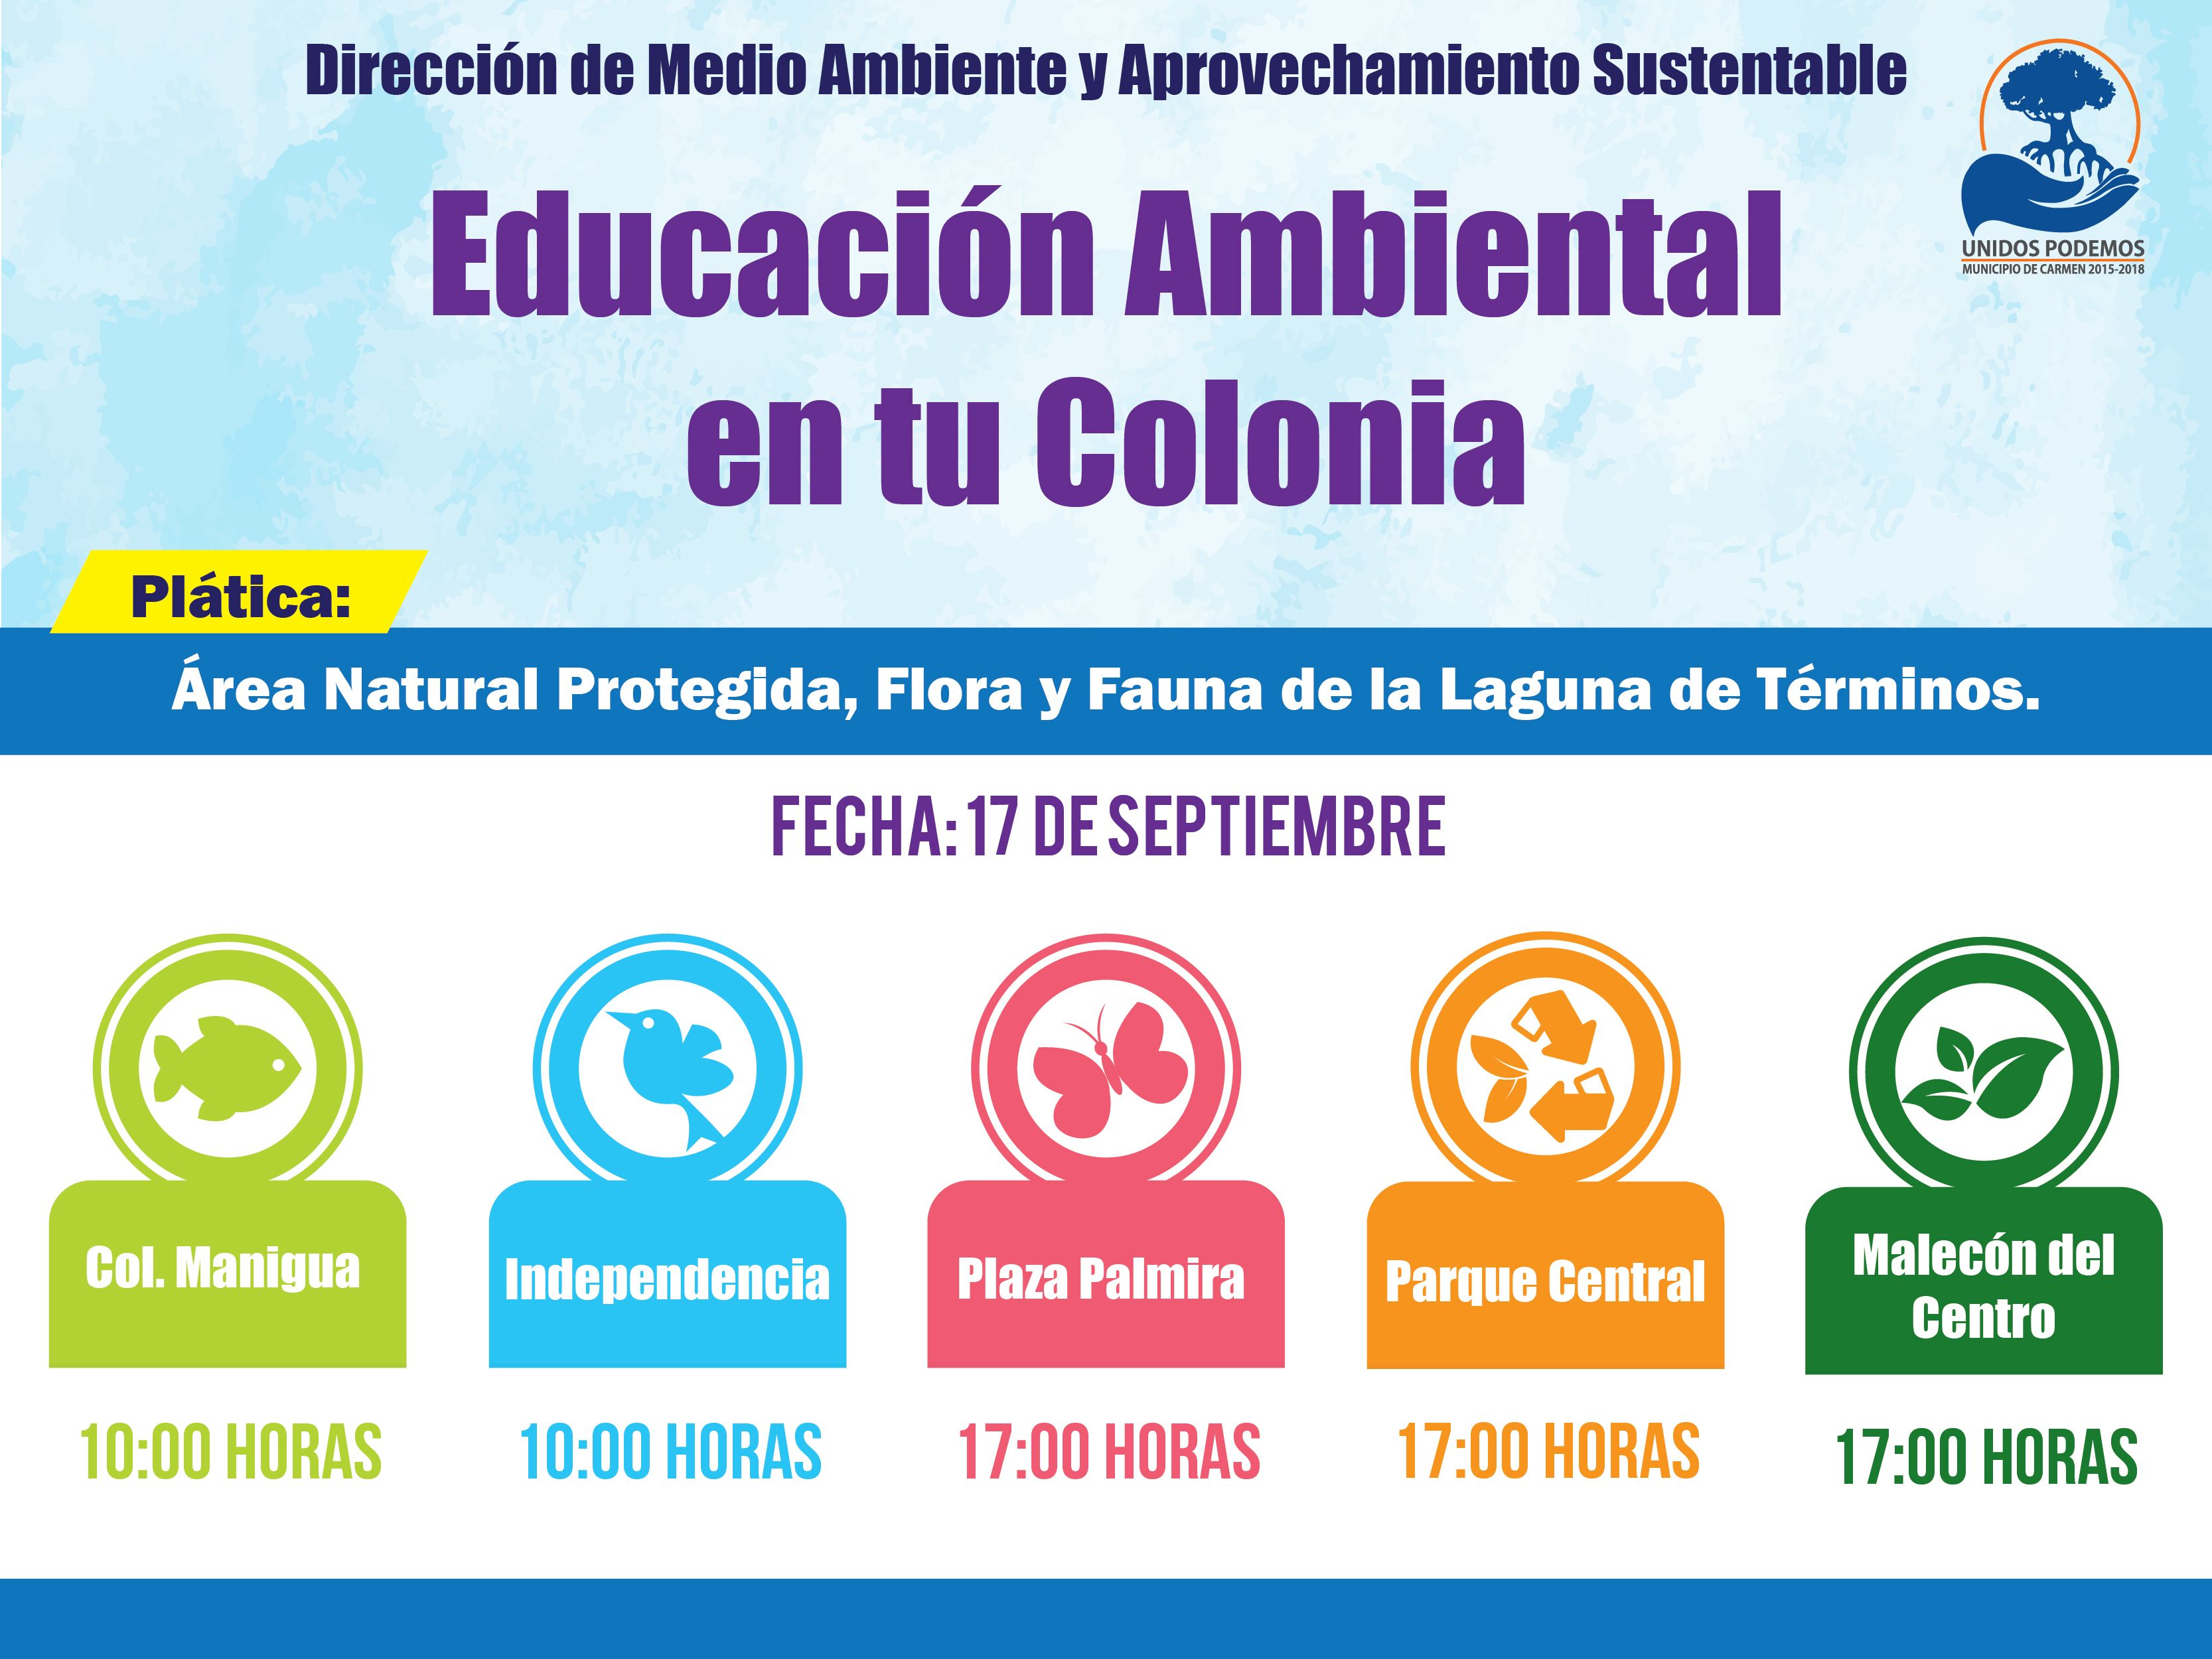 Plática de Educación Ambiental!! Área Natural Protegida, Flora y Fauna de la Laguna de Términos.